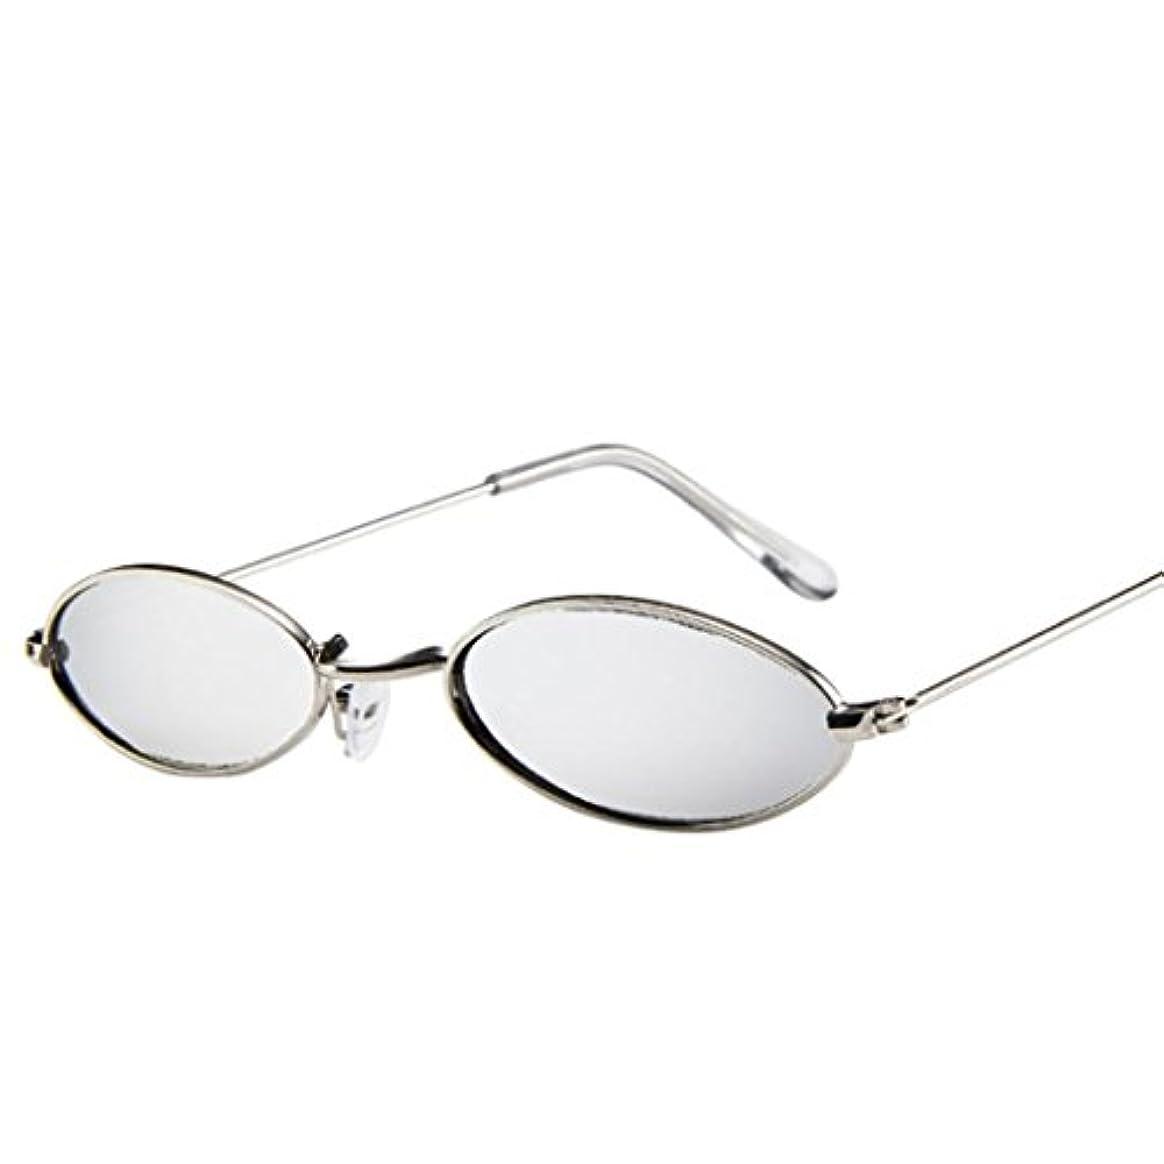 浸漬退屈銃Feteso サングラス メガネ Sunglasses UVカット メンズレトロ小楕円サングラス 超軽量 旅行サングラス ギフト 高級感溢れるサングラス ファッション メタルフレーム